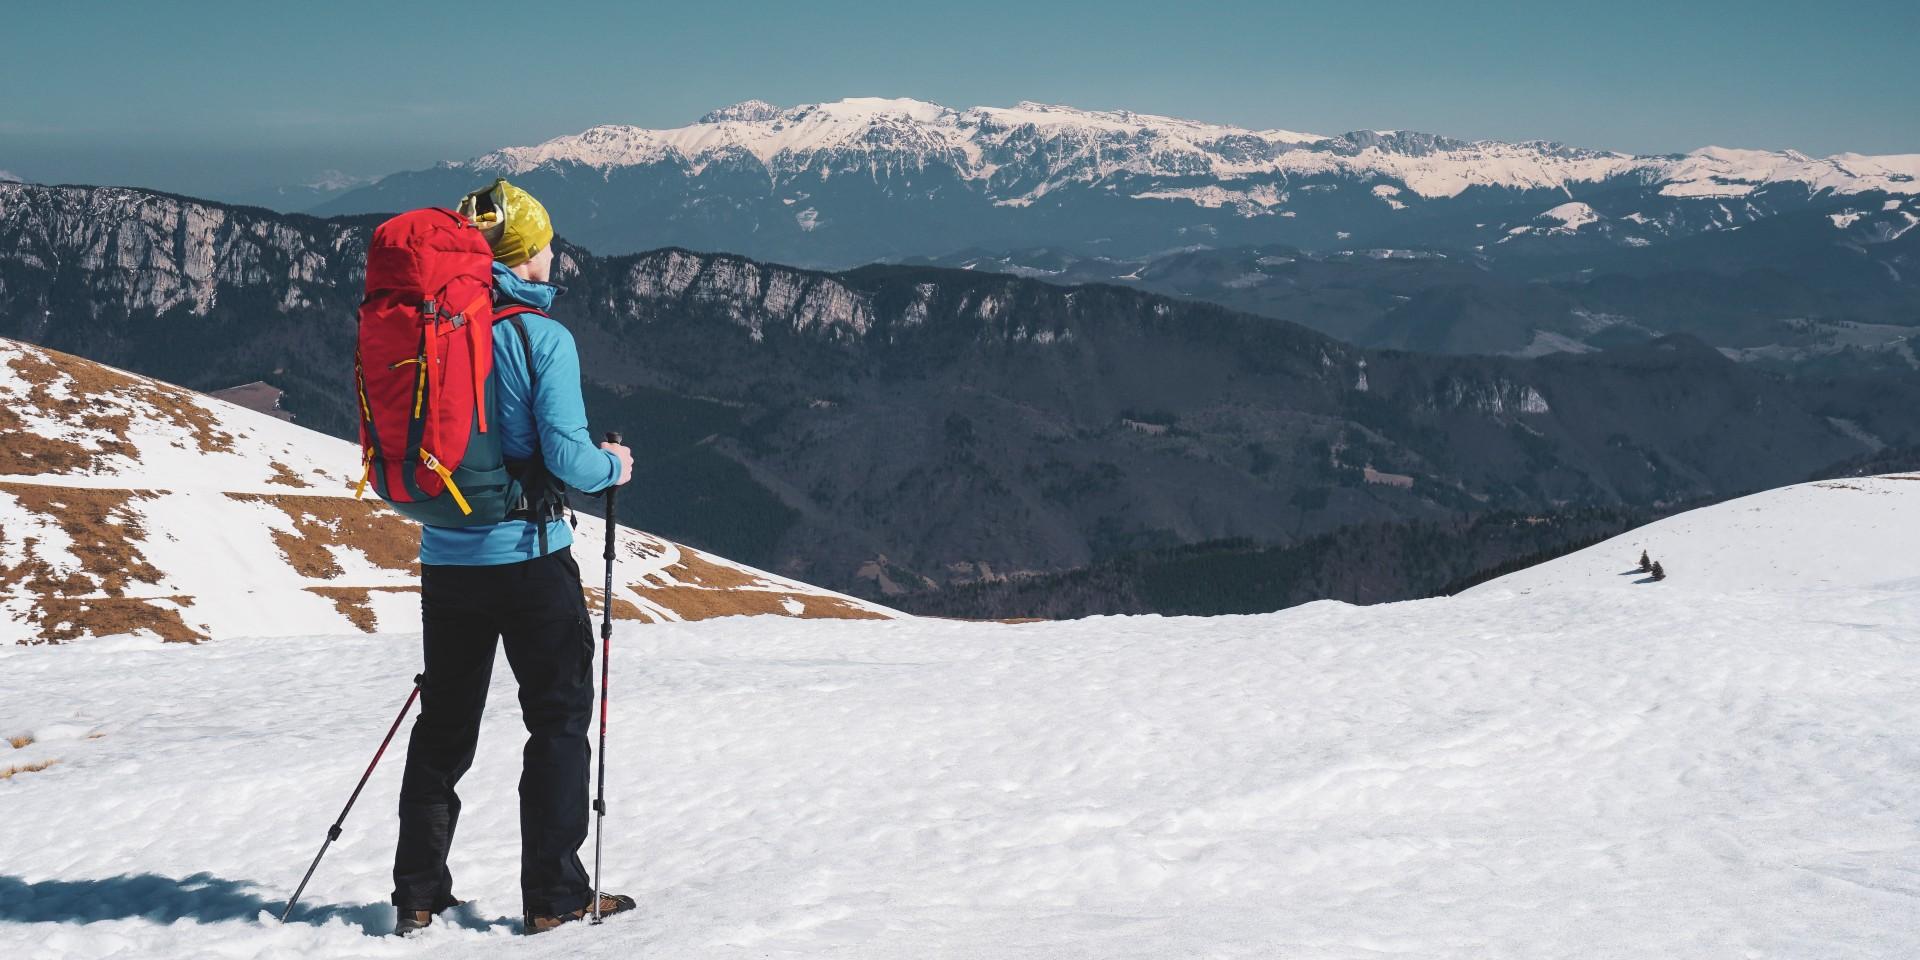 wspinaczka górska - wygodny plecak